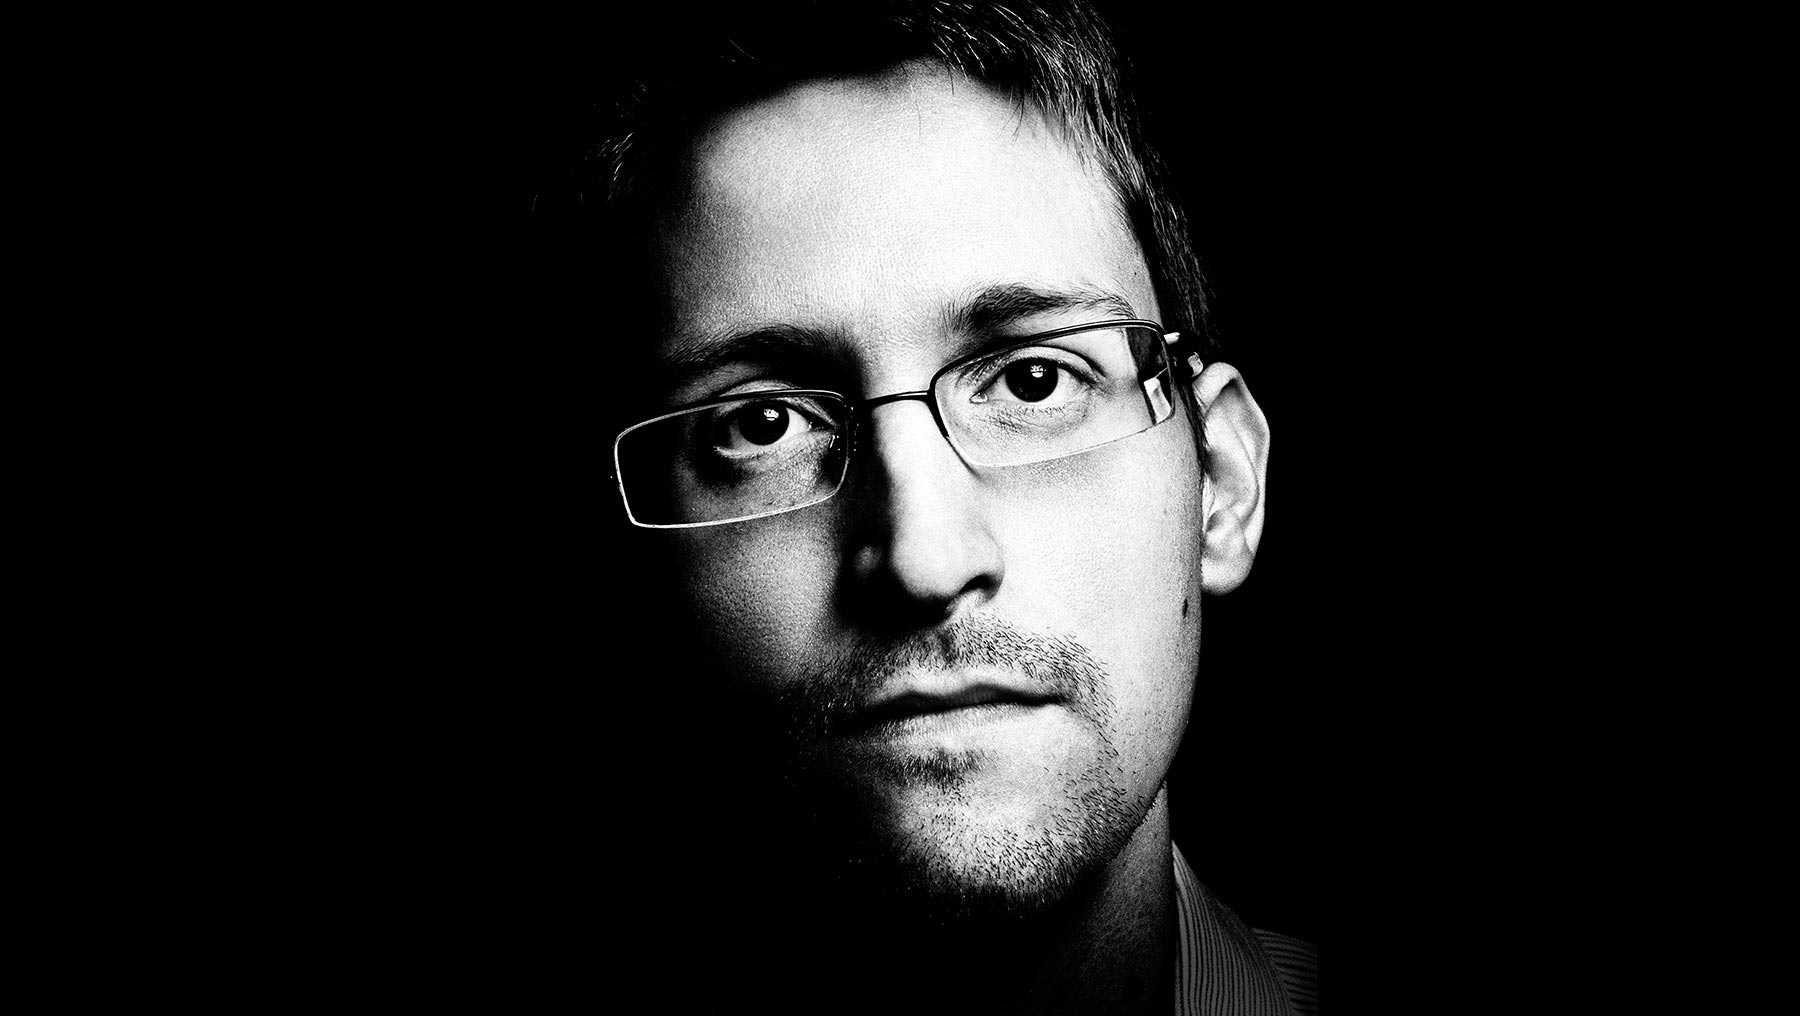 Edward Snowden - Edward Snowden μόνιμη άδεια παραμονής στη Ρωσία